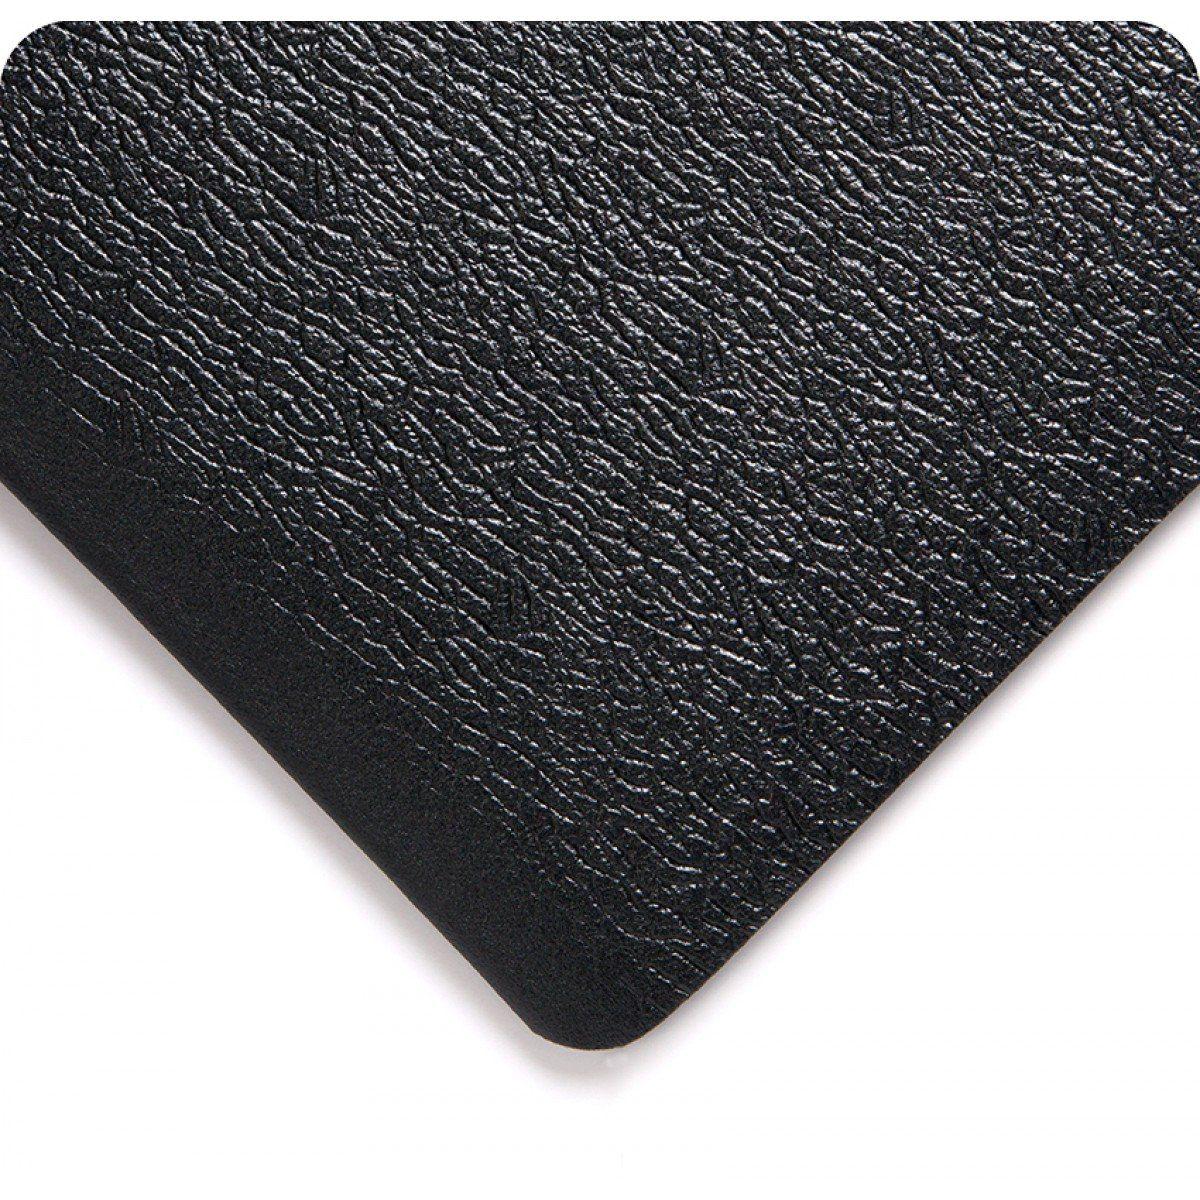 Wearwell 427 38x3x14bk Soft Step Mat 14 Length X 3 Width X 3 8 Thick Black Ad Soft Affiliate Step X3x14bk W Anti Fatigue Mat Black Black Models